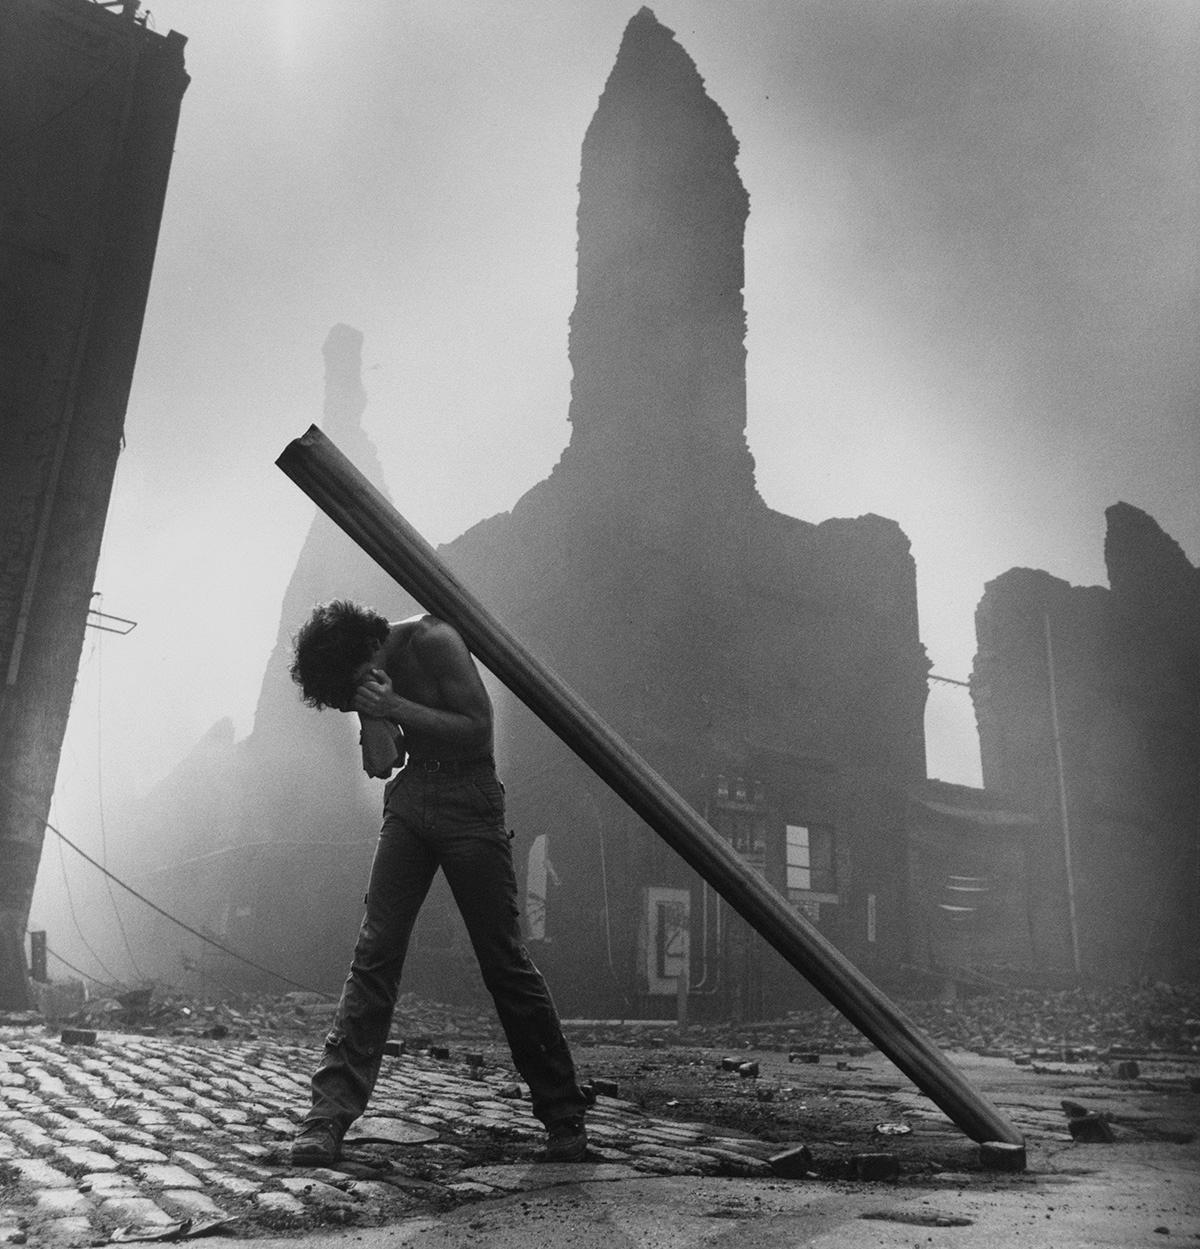 The Burning Warehouse